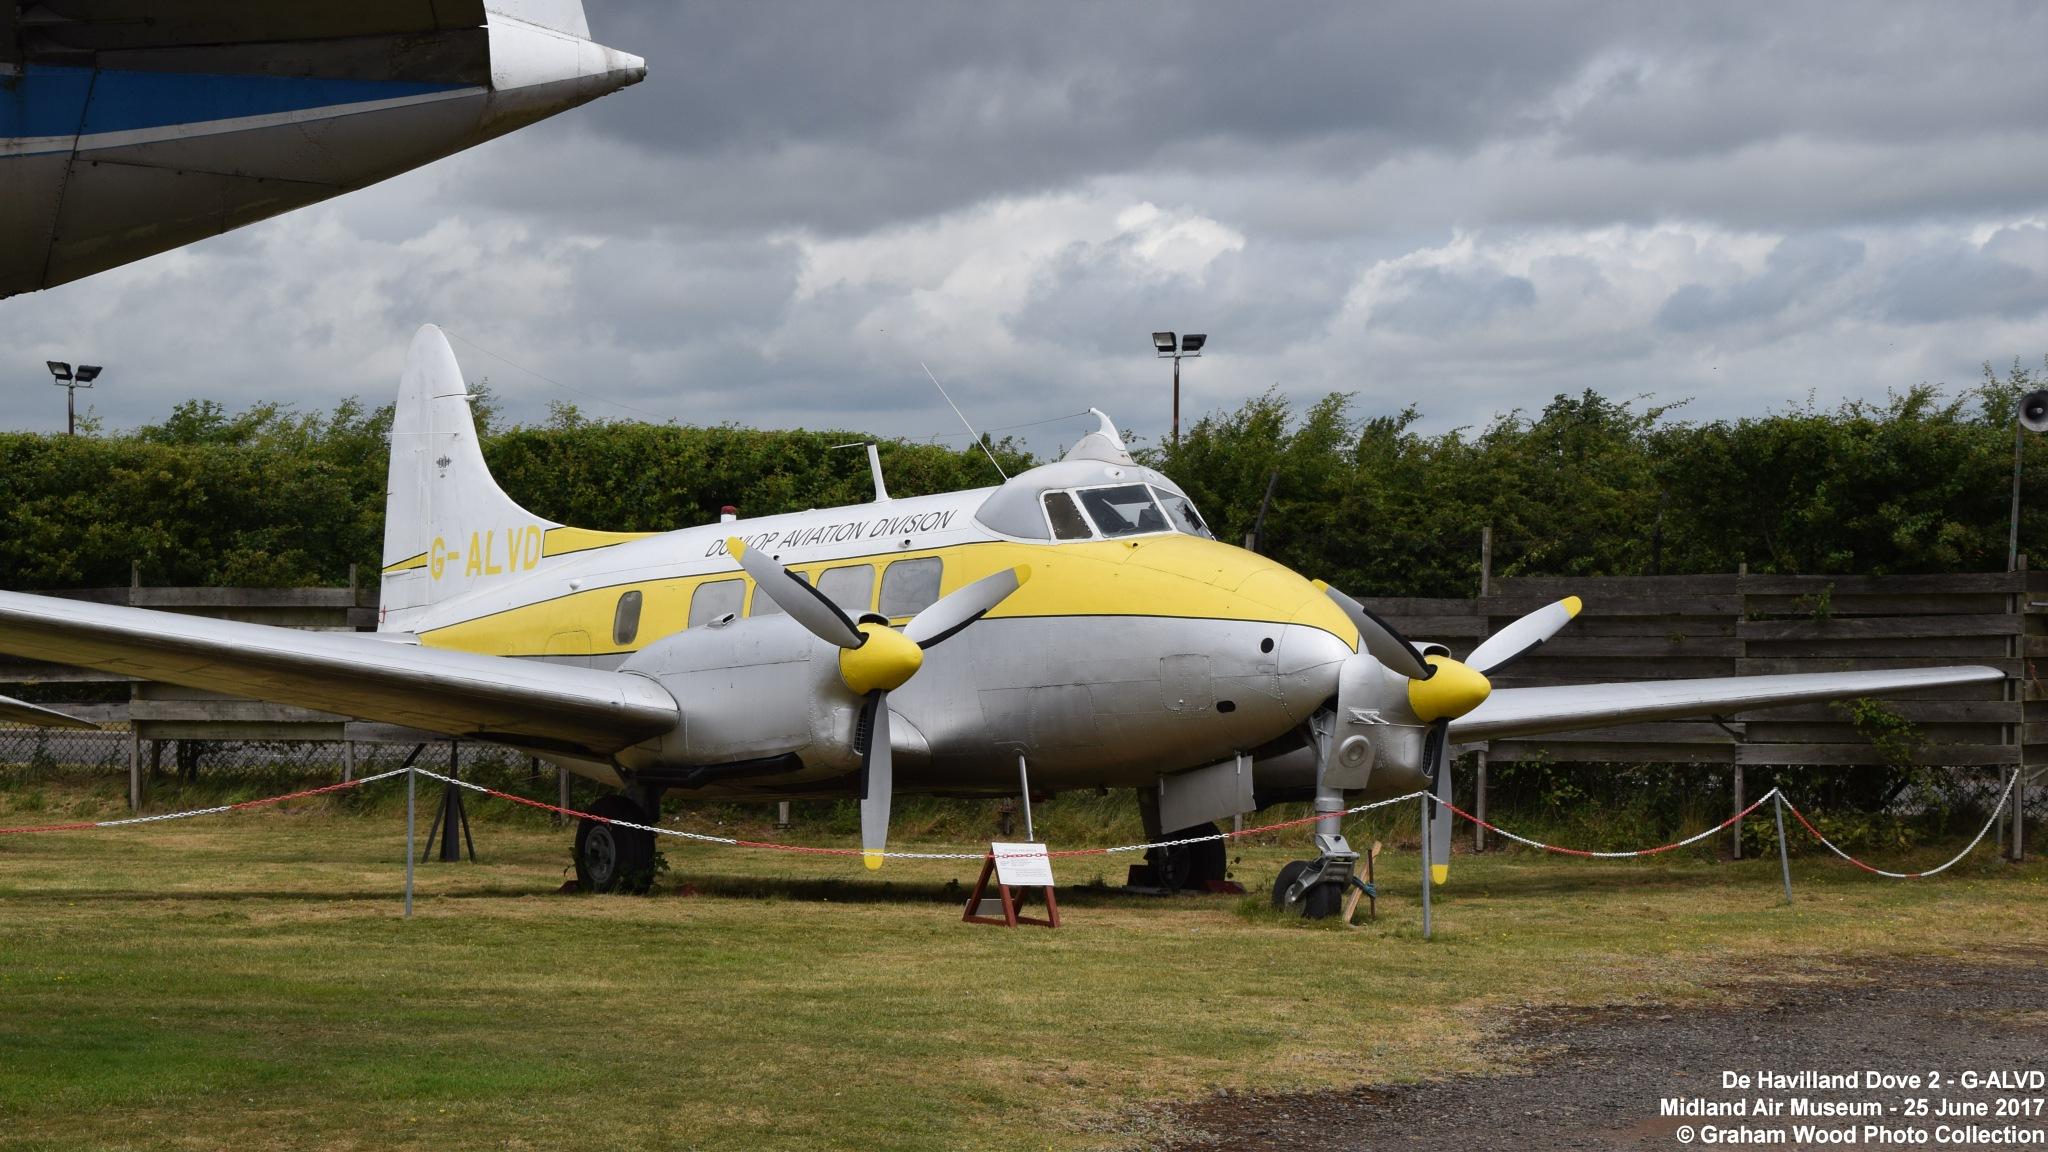 De Havilland Dove 2 - G-ALVD by Graham Wood Photo Collection